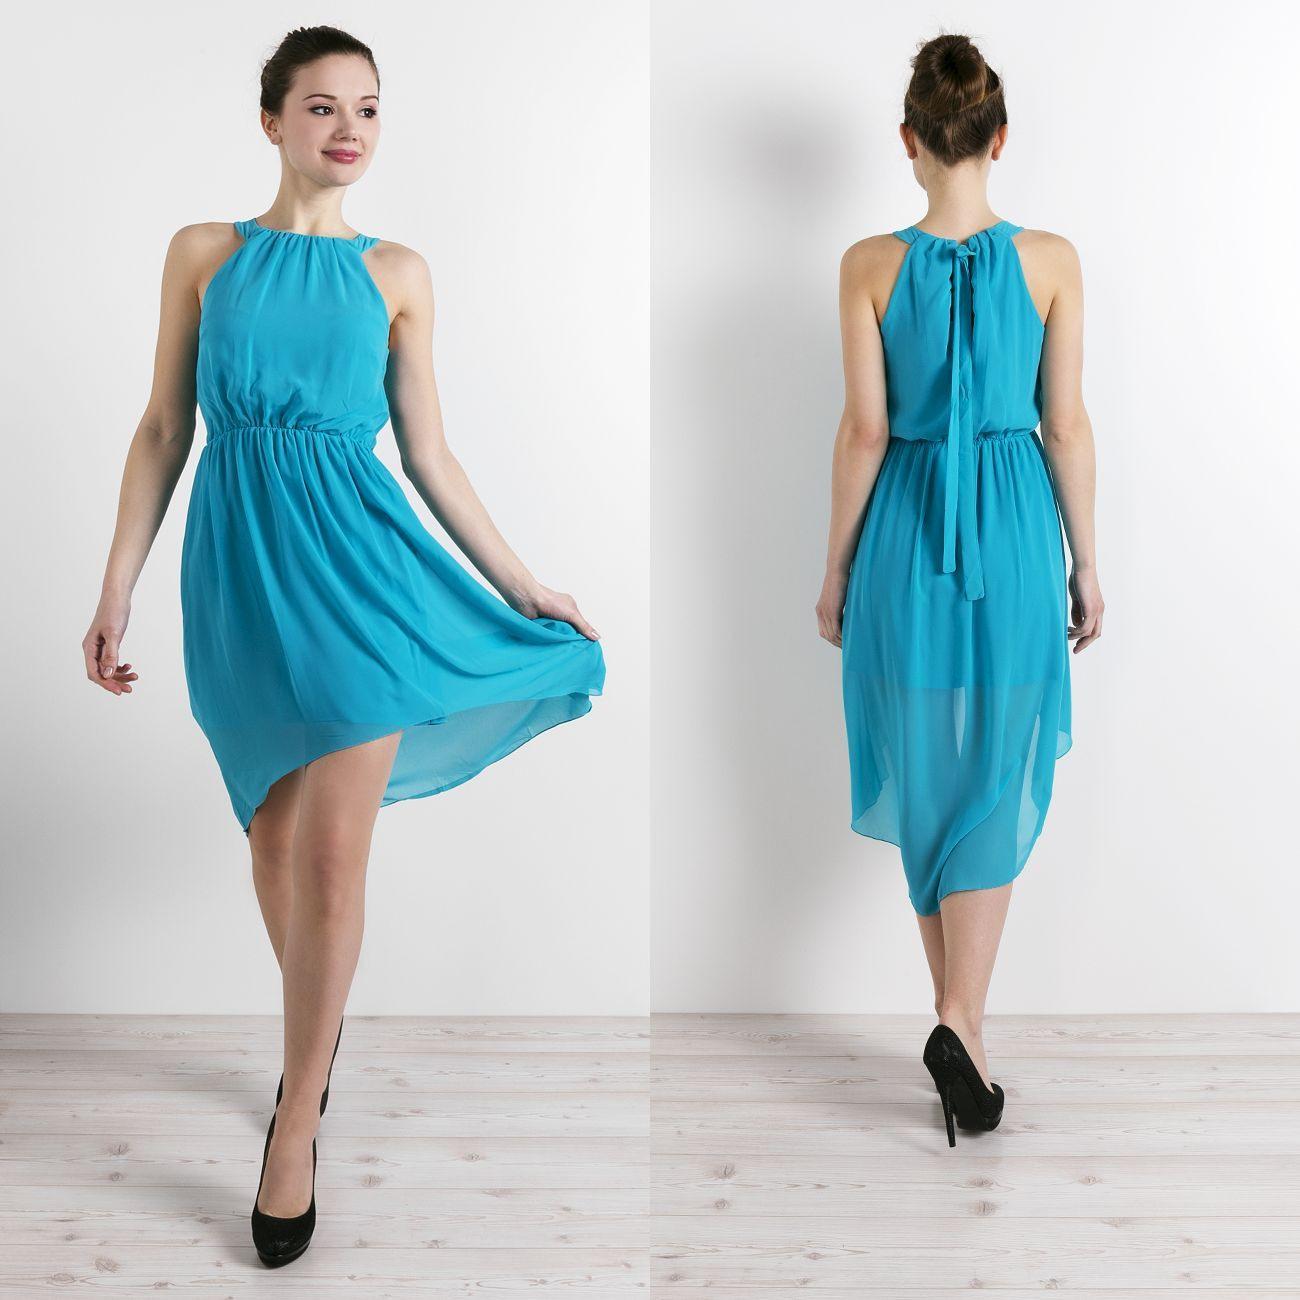 13 Fantastisch Abendkleider Quiero Ärmel15 Elegant Abendkleider Quiero Boutique